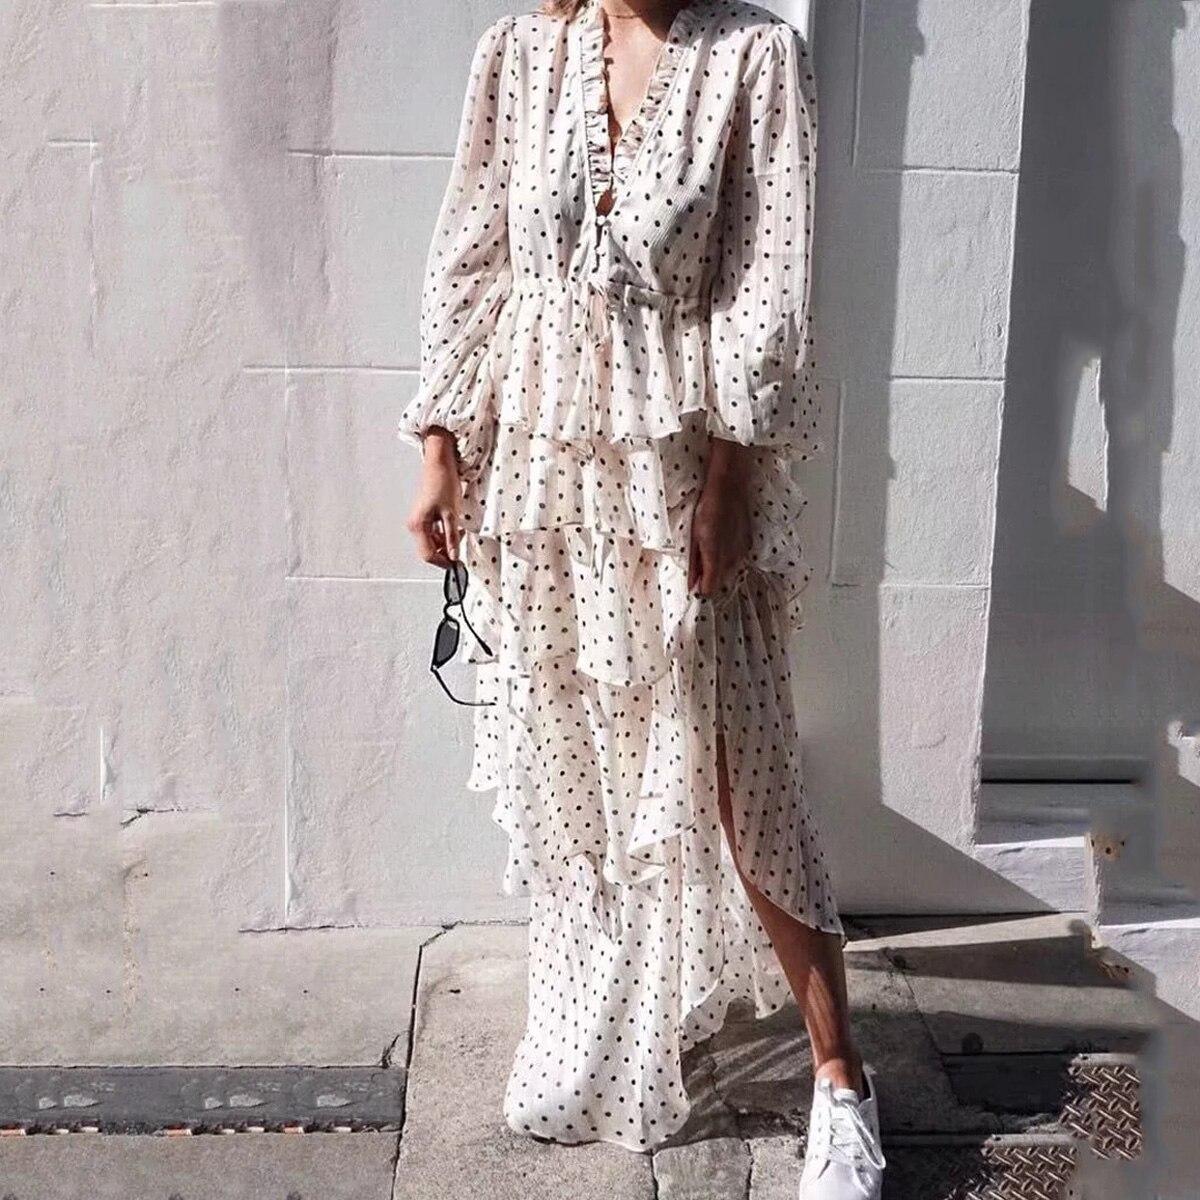 Robe en mousseline à volants col en v Hippie Chic femmes Boho robe printemps manches bouffantes cordon Maxi robes robe à pois imprimé